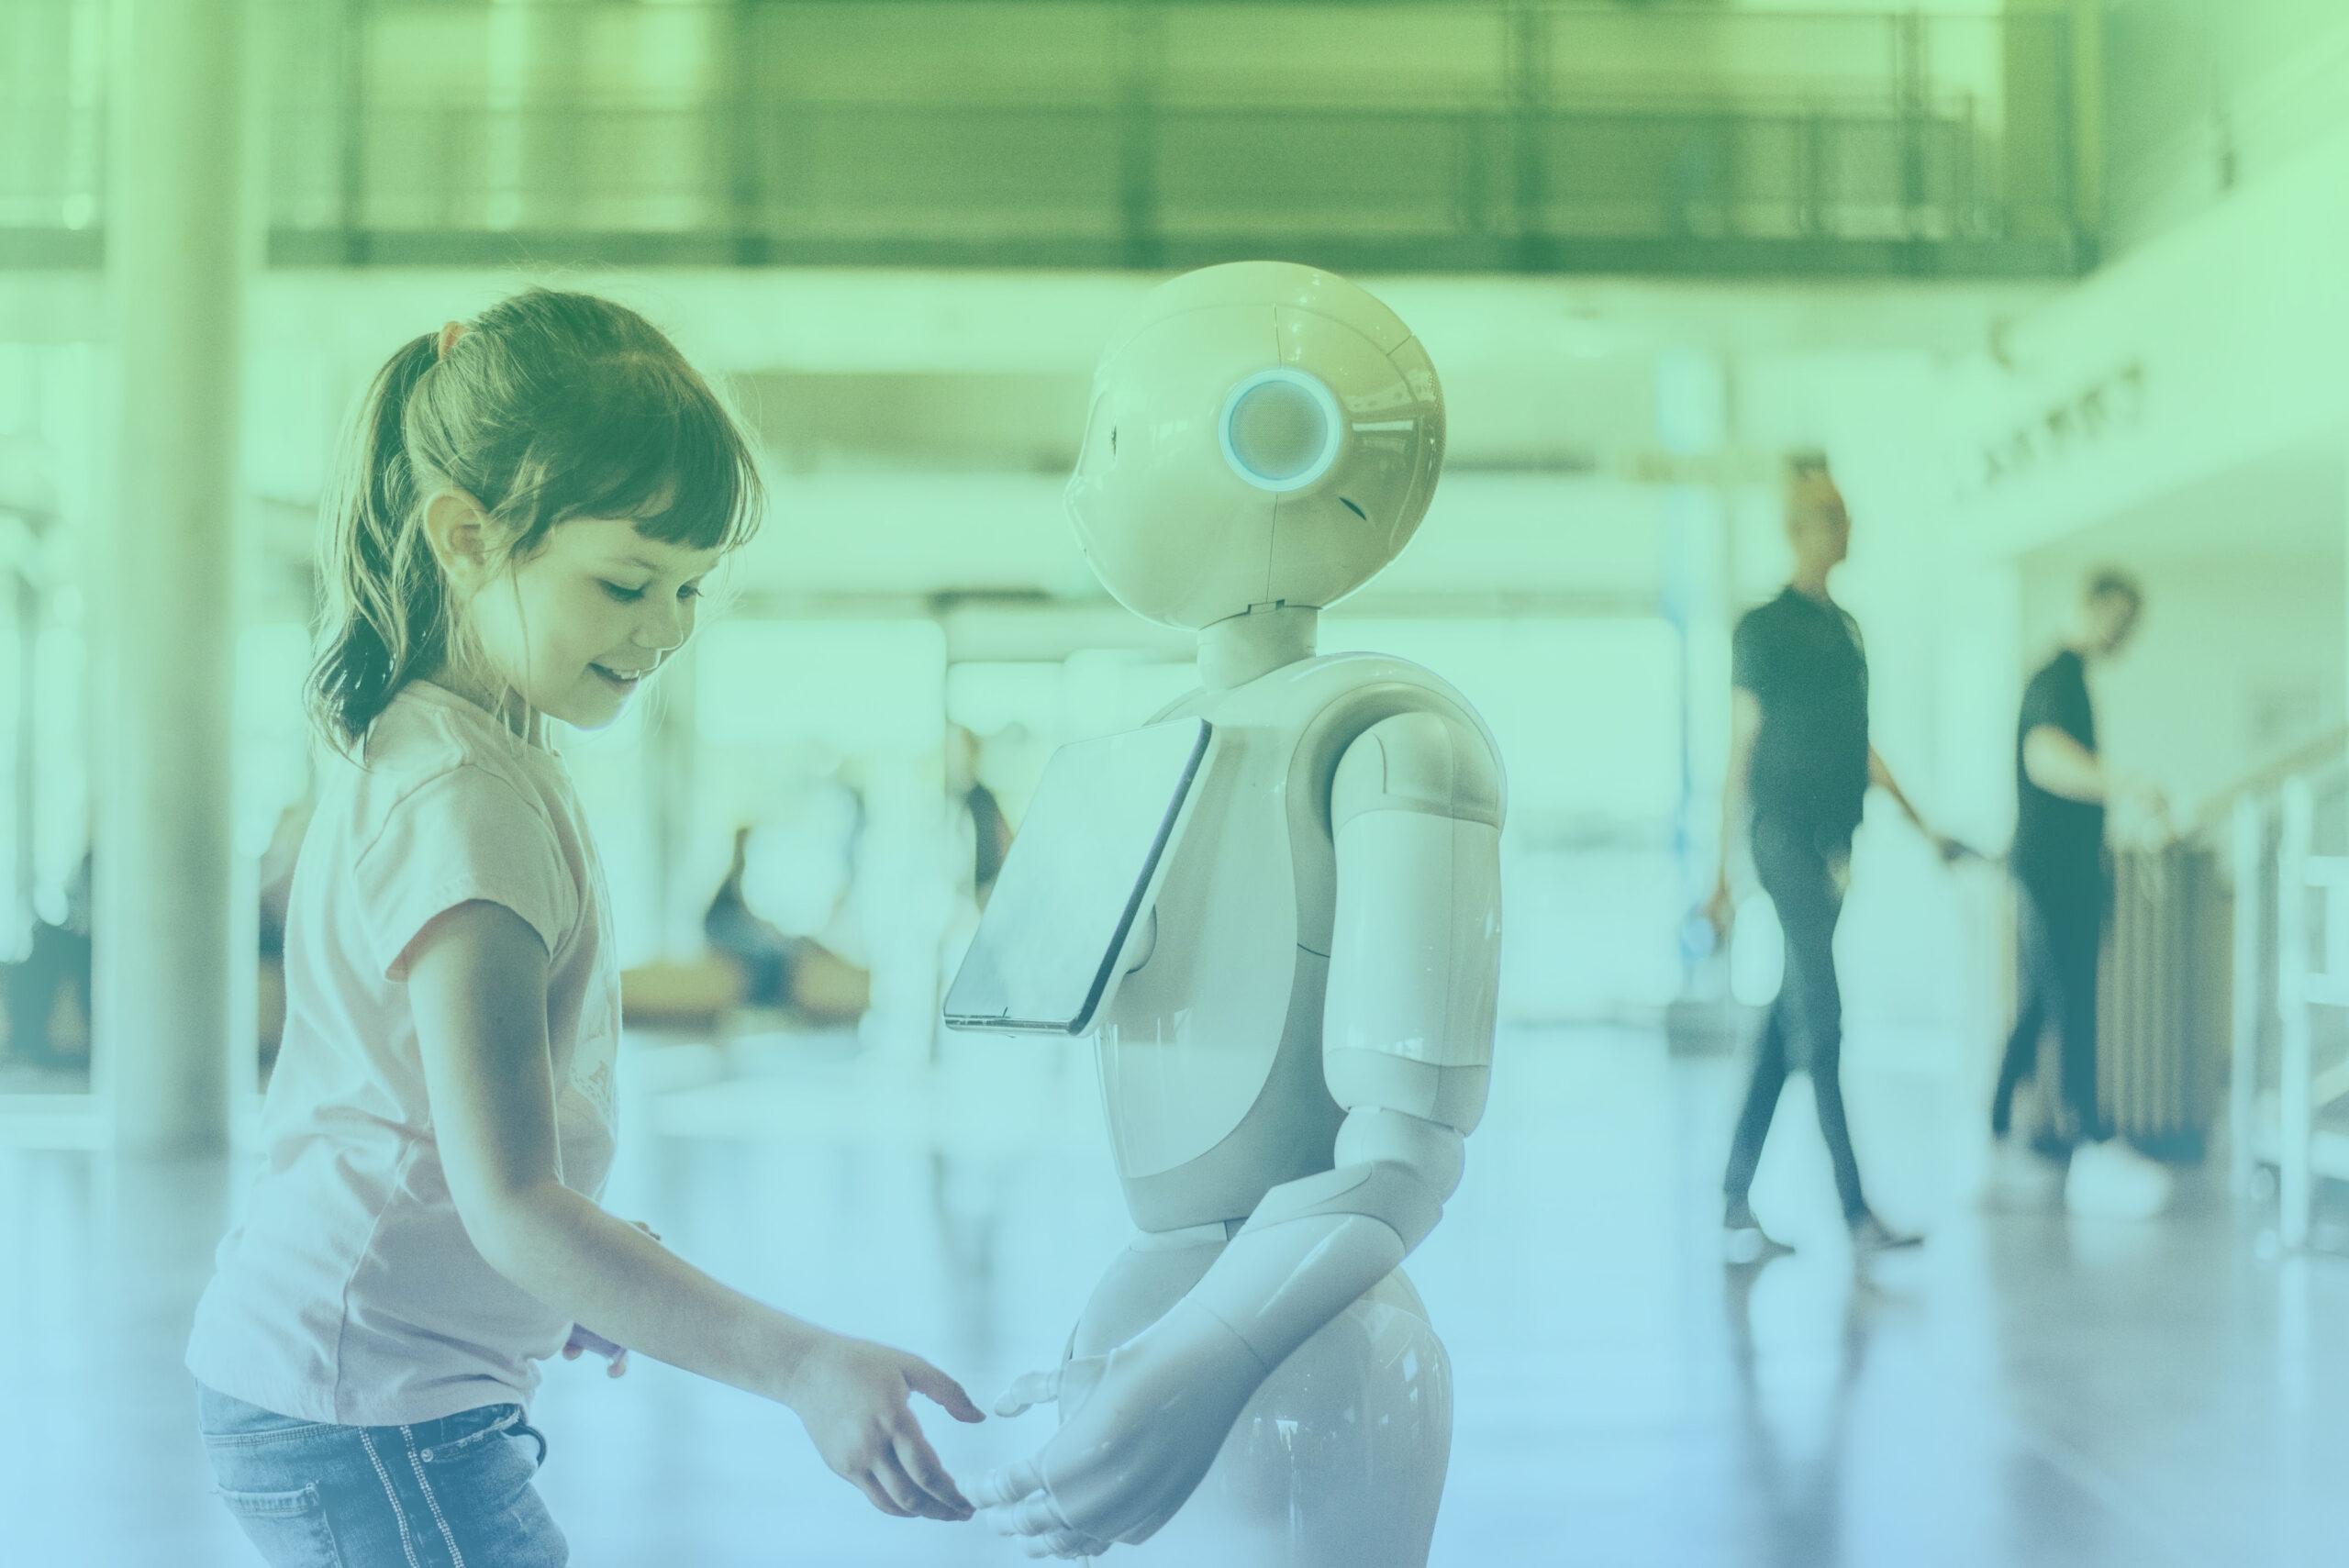 man versus robot